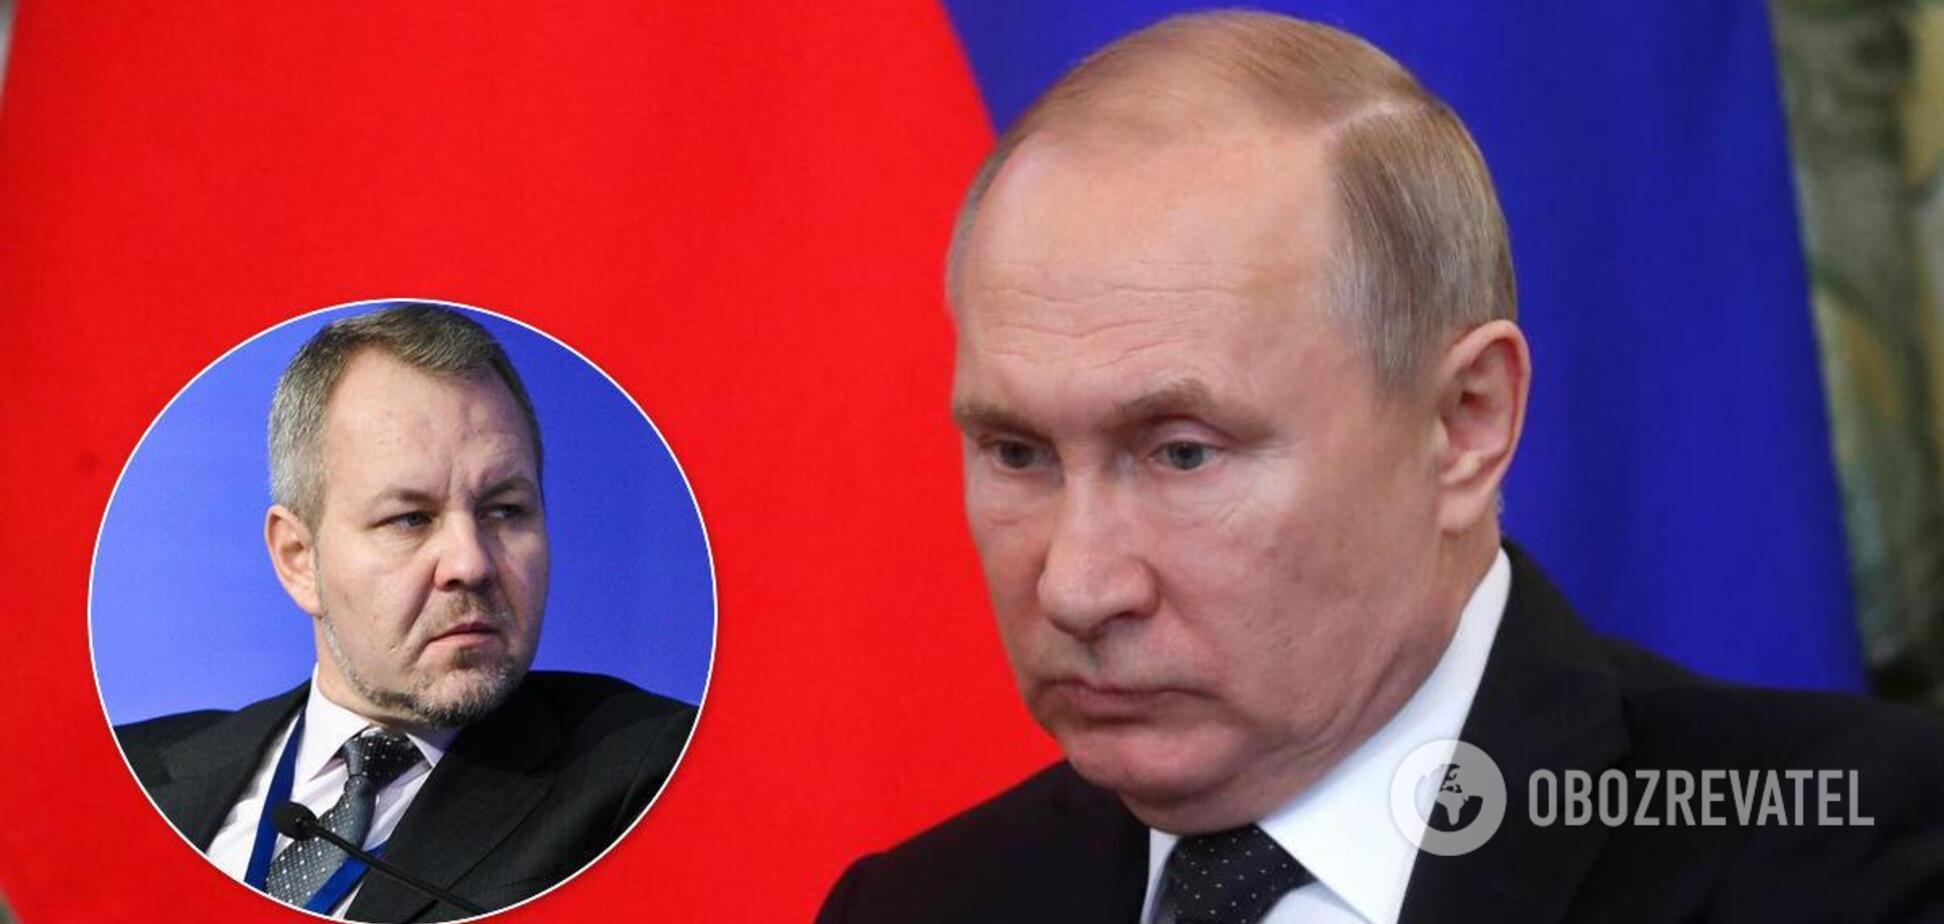 Владислав Іноземцев вважає, що Володимир Путін ніколи добровільно не віддасть владу